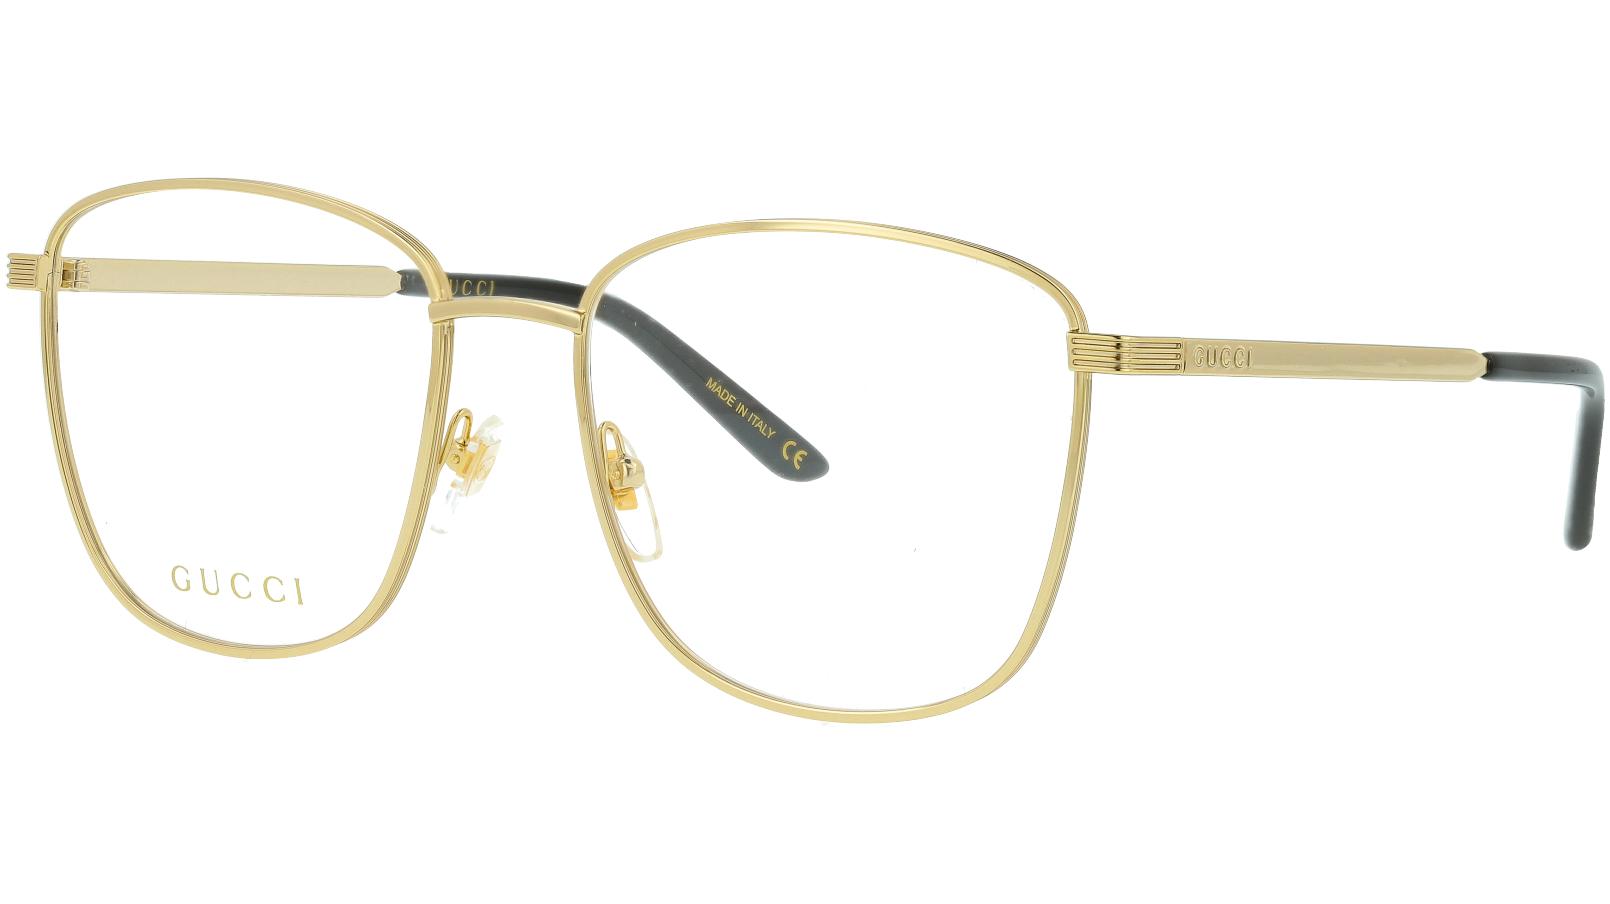 Gucci GG0804O 001 54 Gold Square Glasses